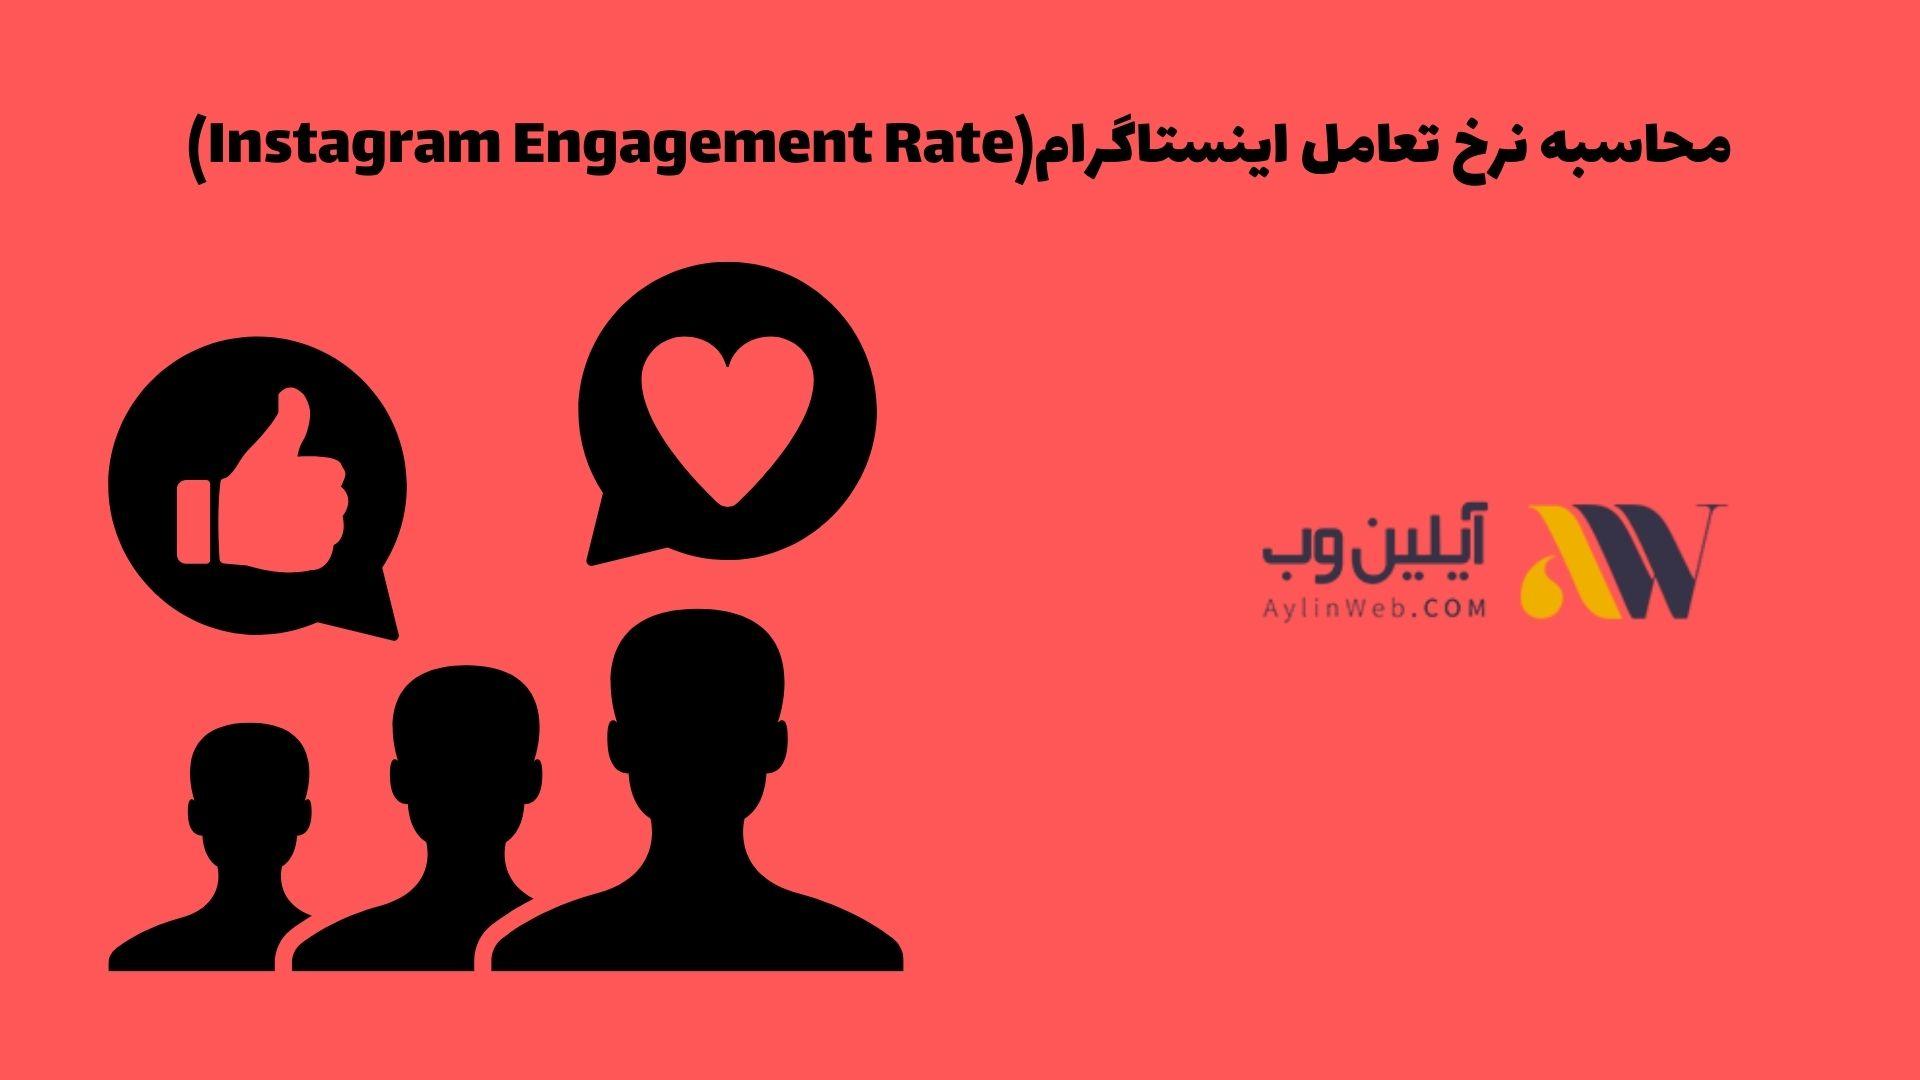 محاسبه نرخ تعامل اینستاگرام(Instagram Engagement Rate)